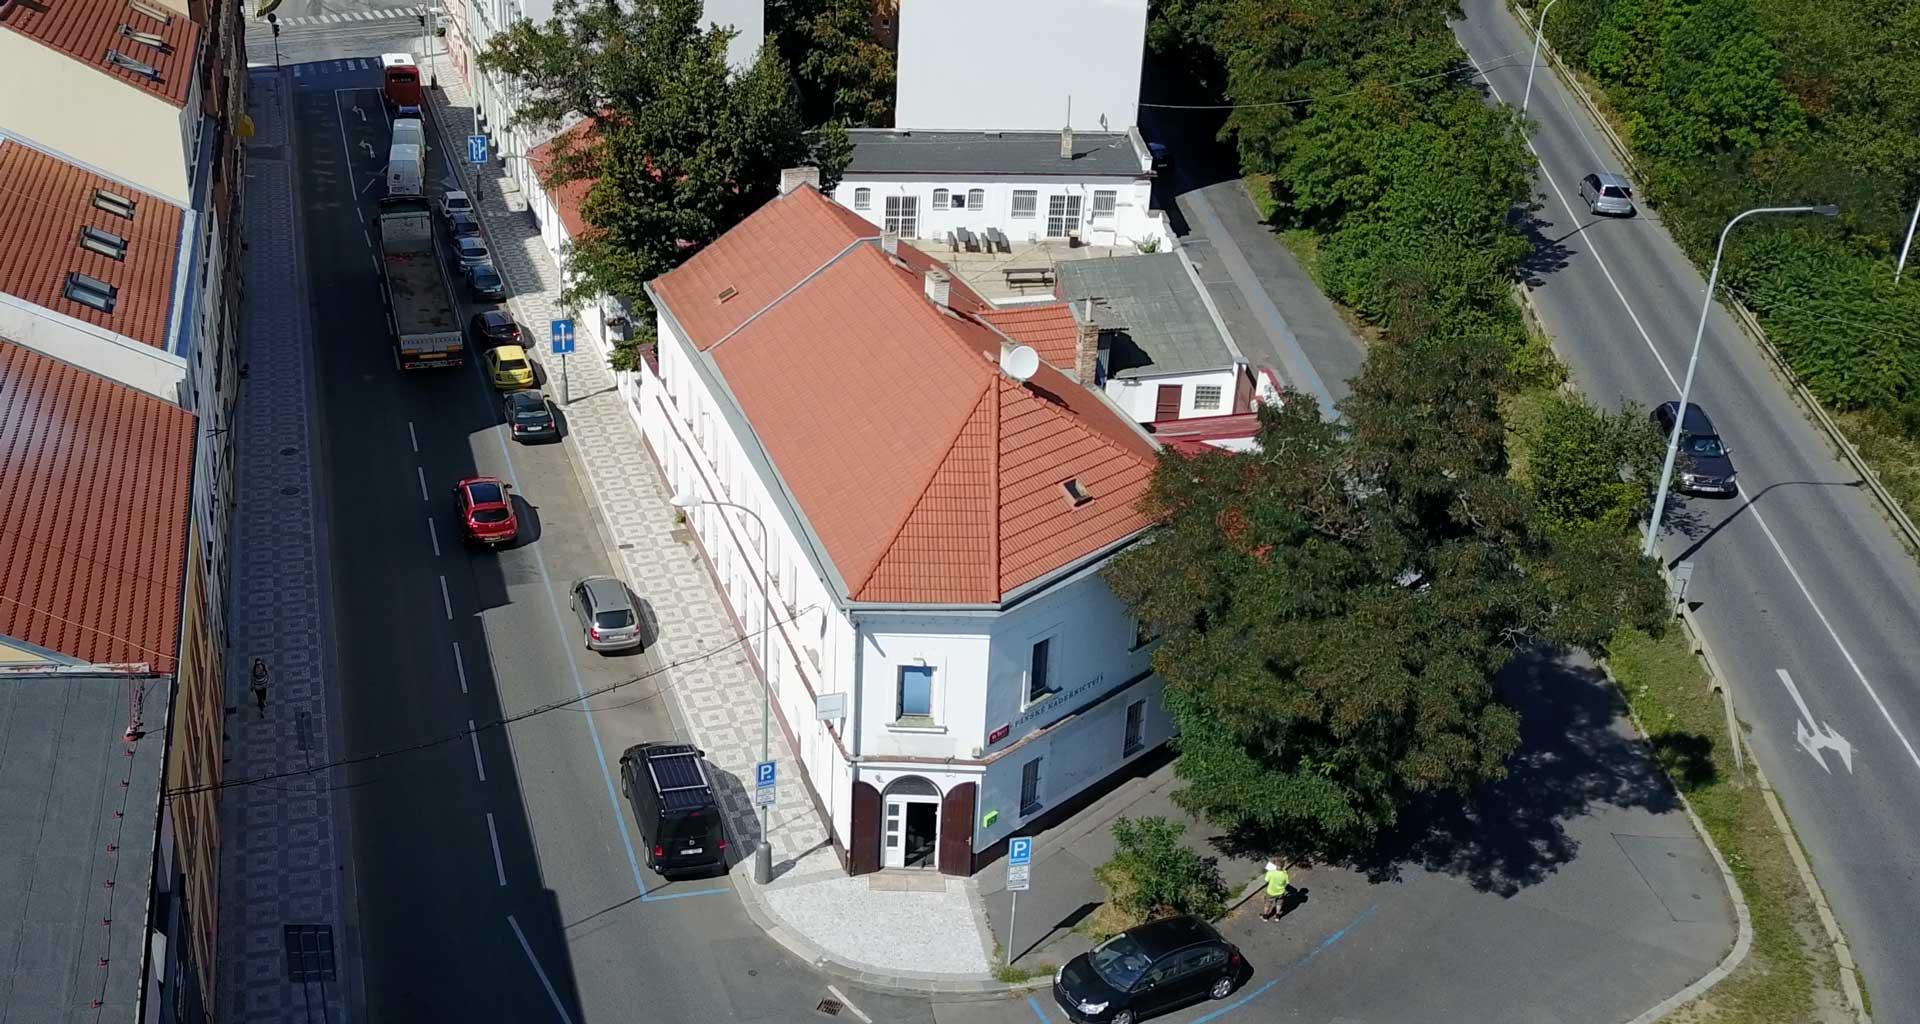 Schoo_Aerial_3.jpg